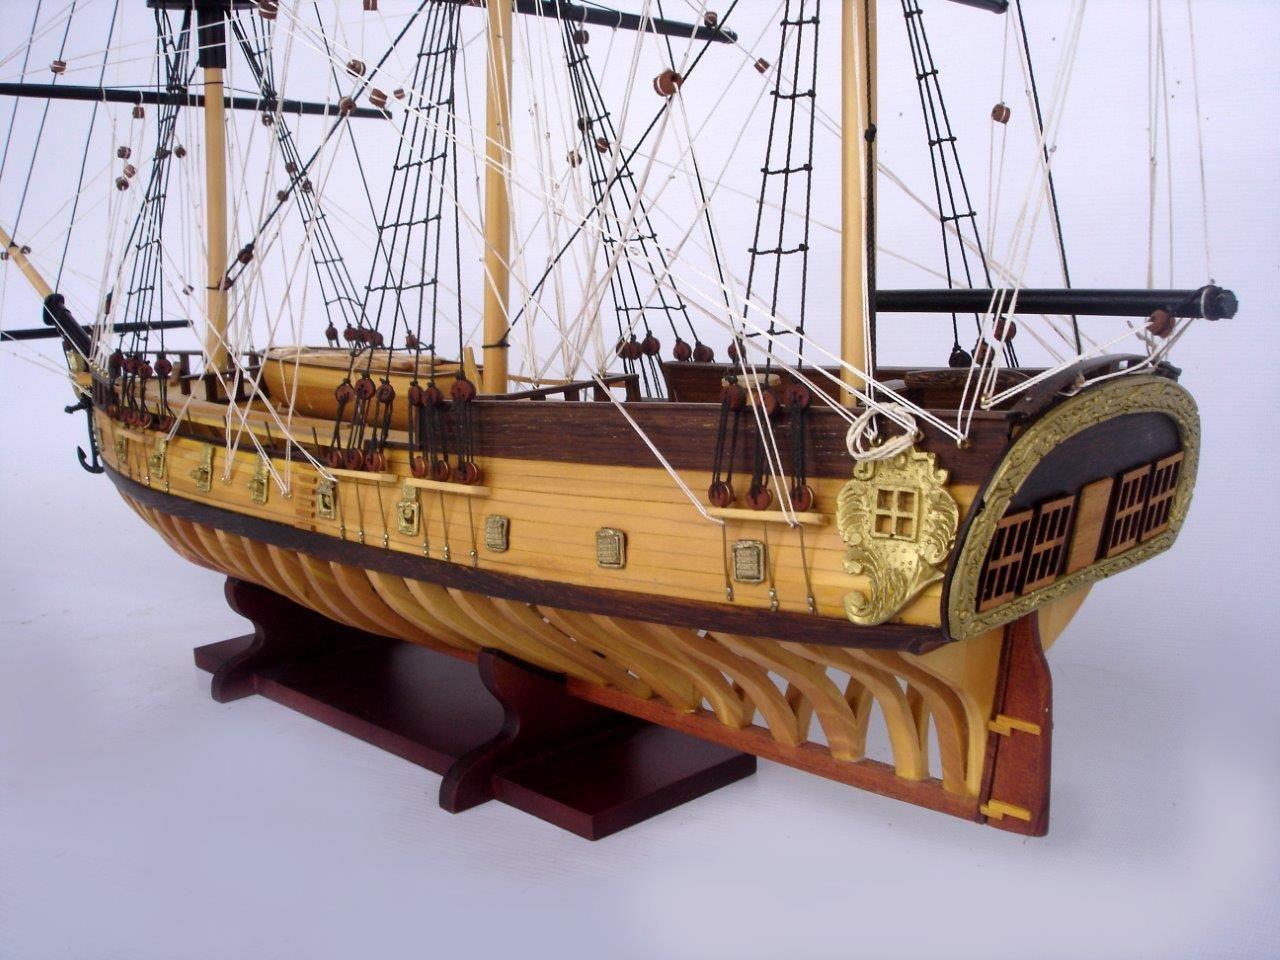 2097-12865-USS-Rattlesnake-Ship-Model-with-Frame-Hull